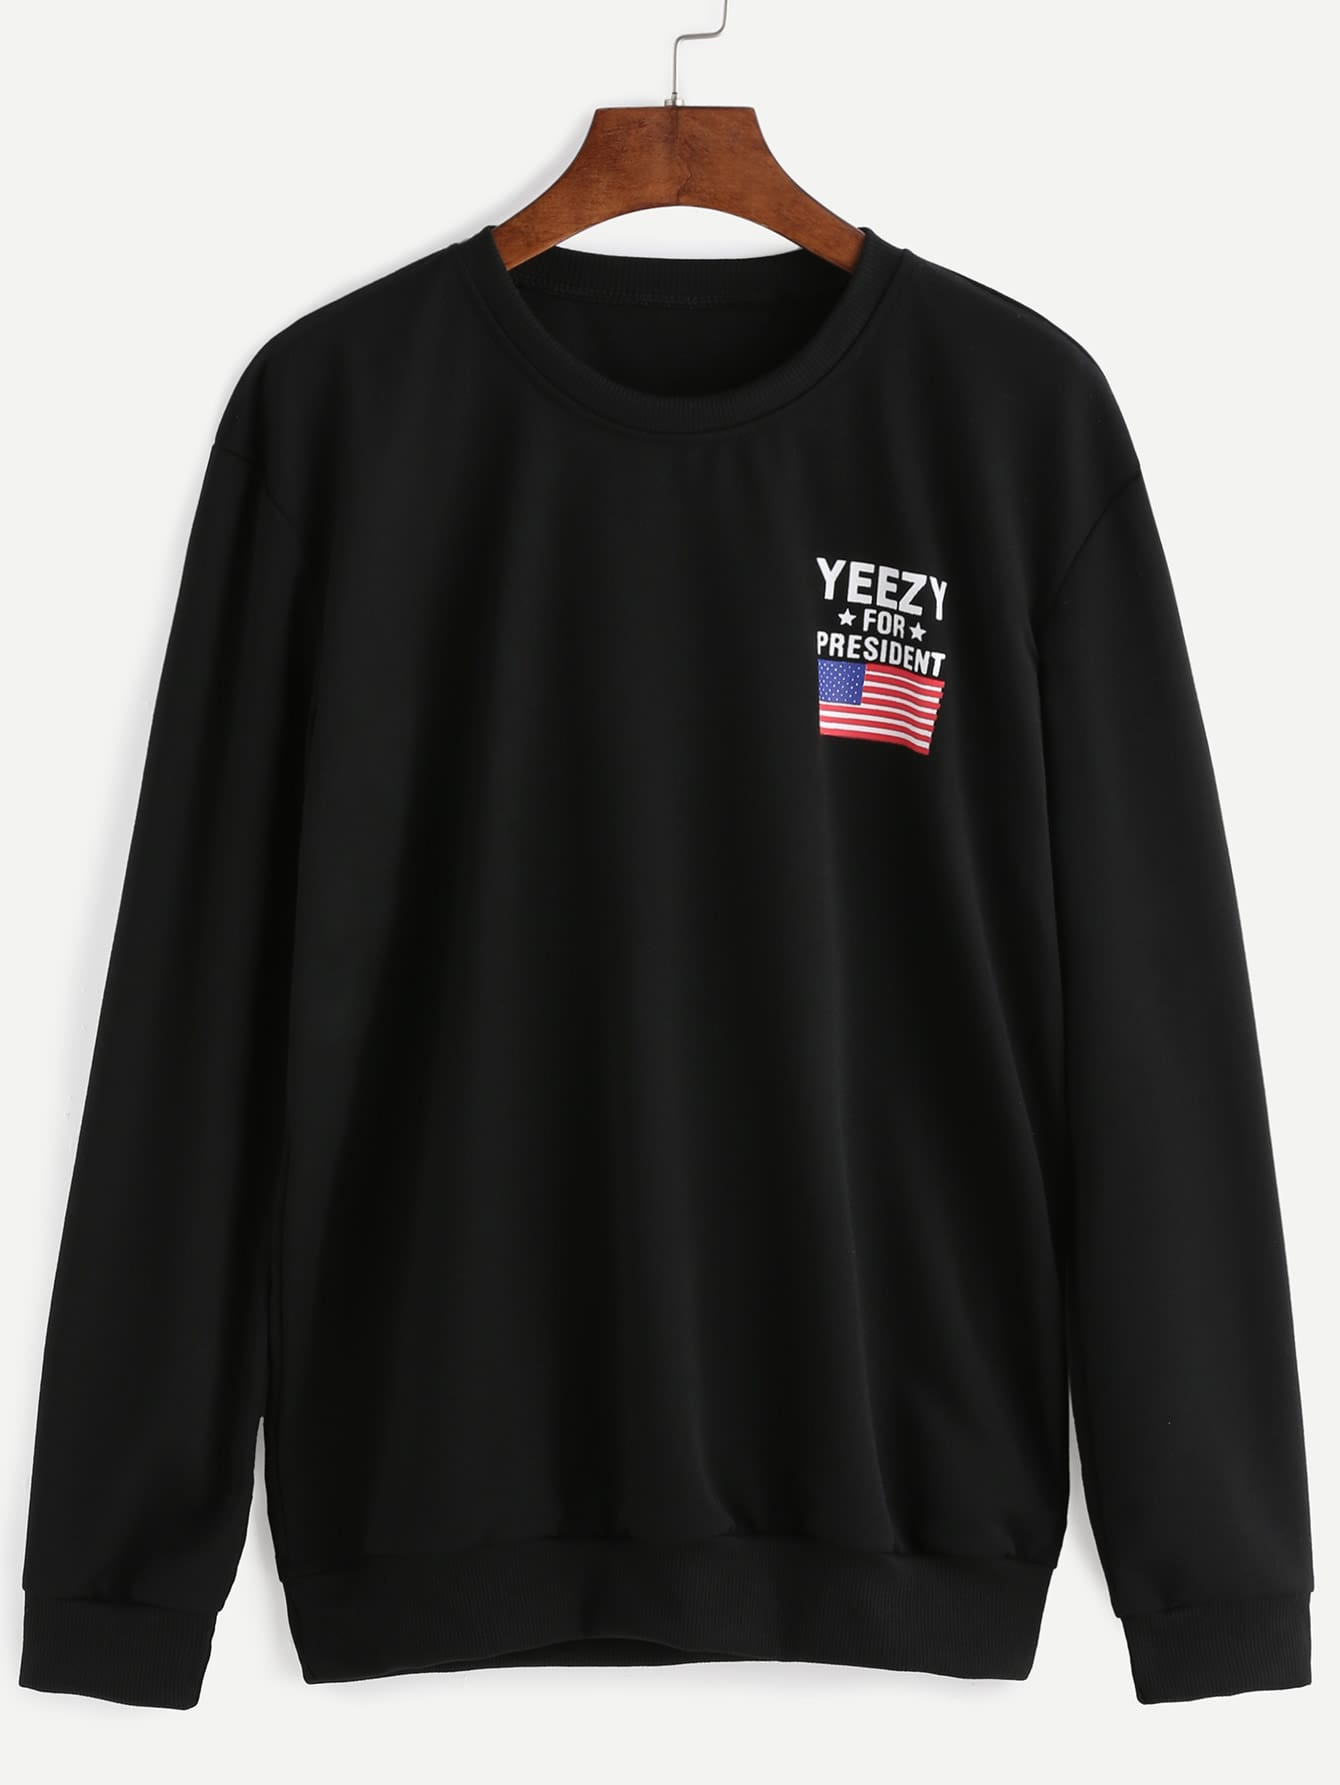 American hoodies